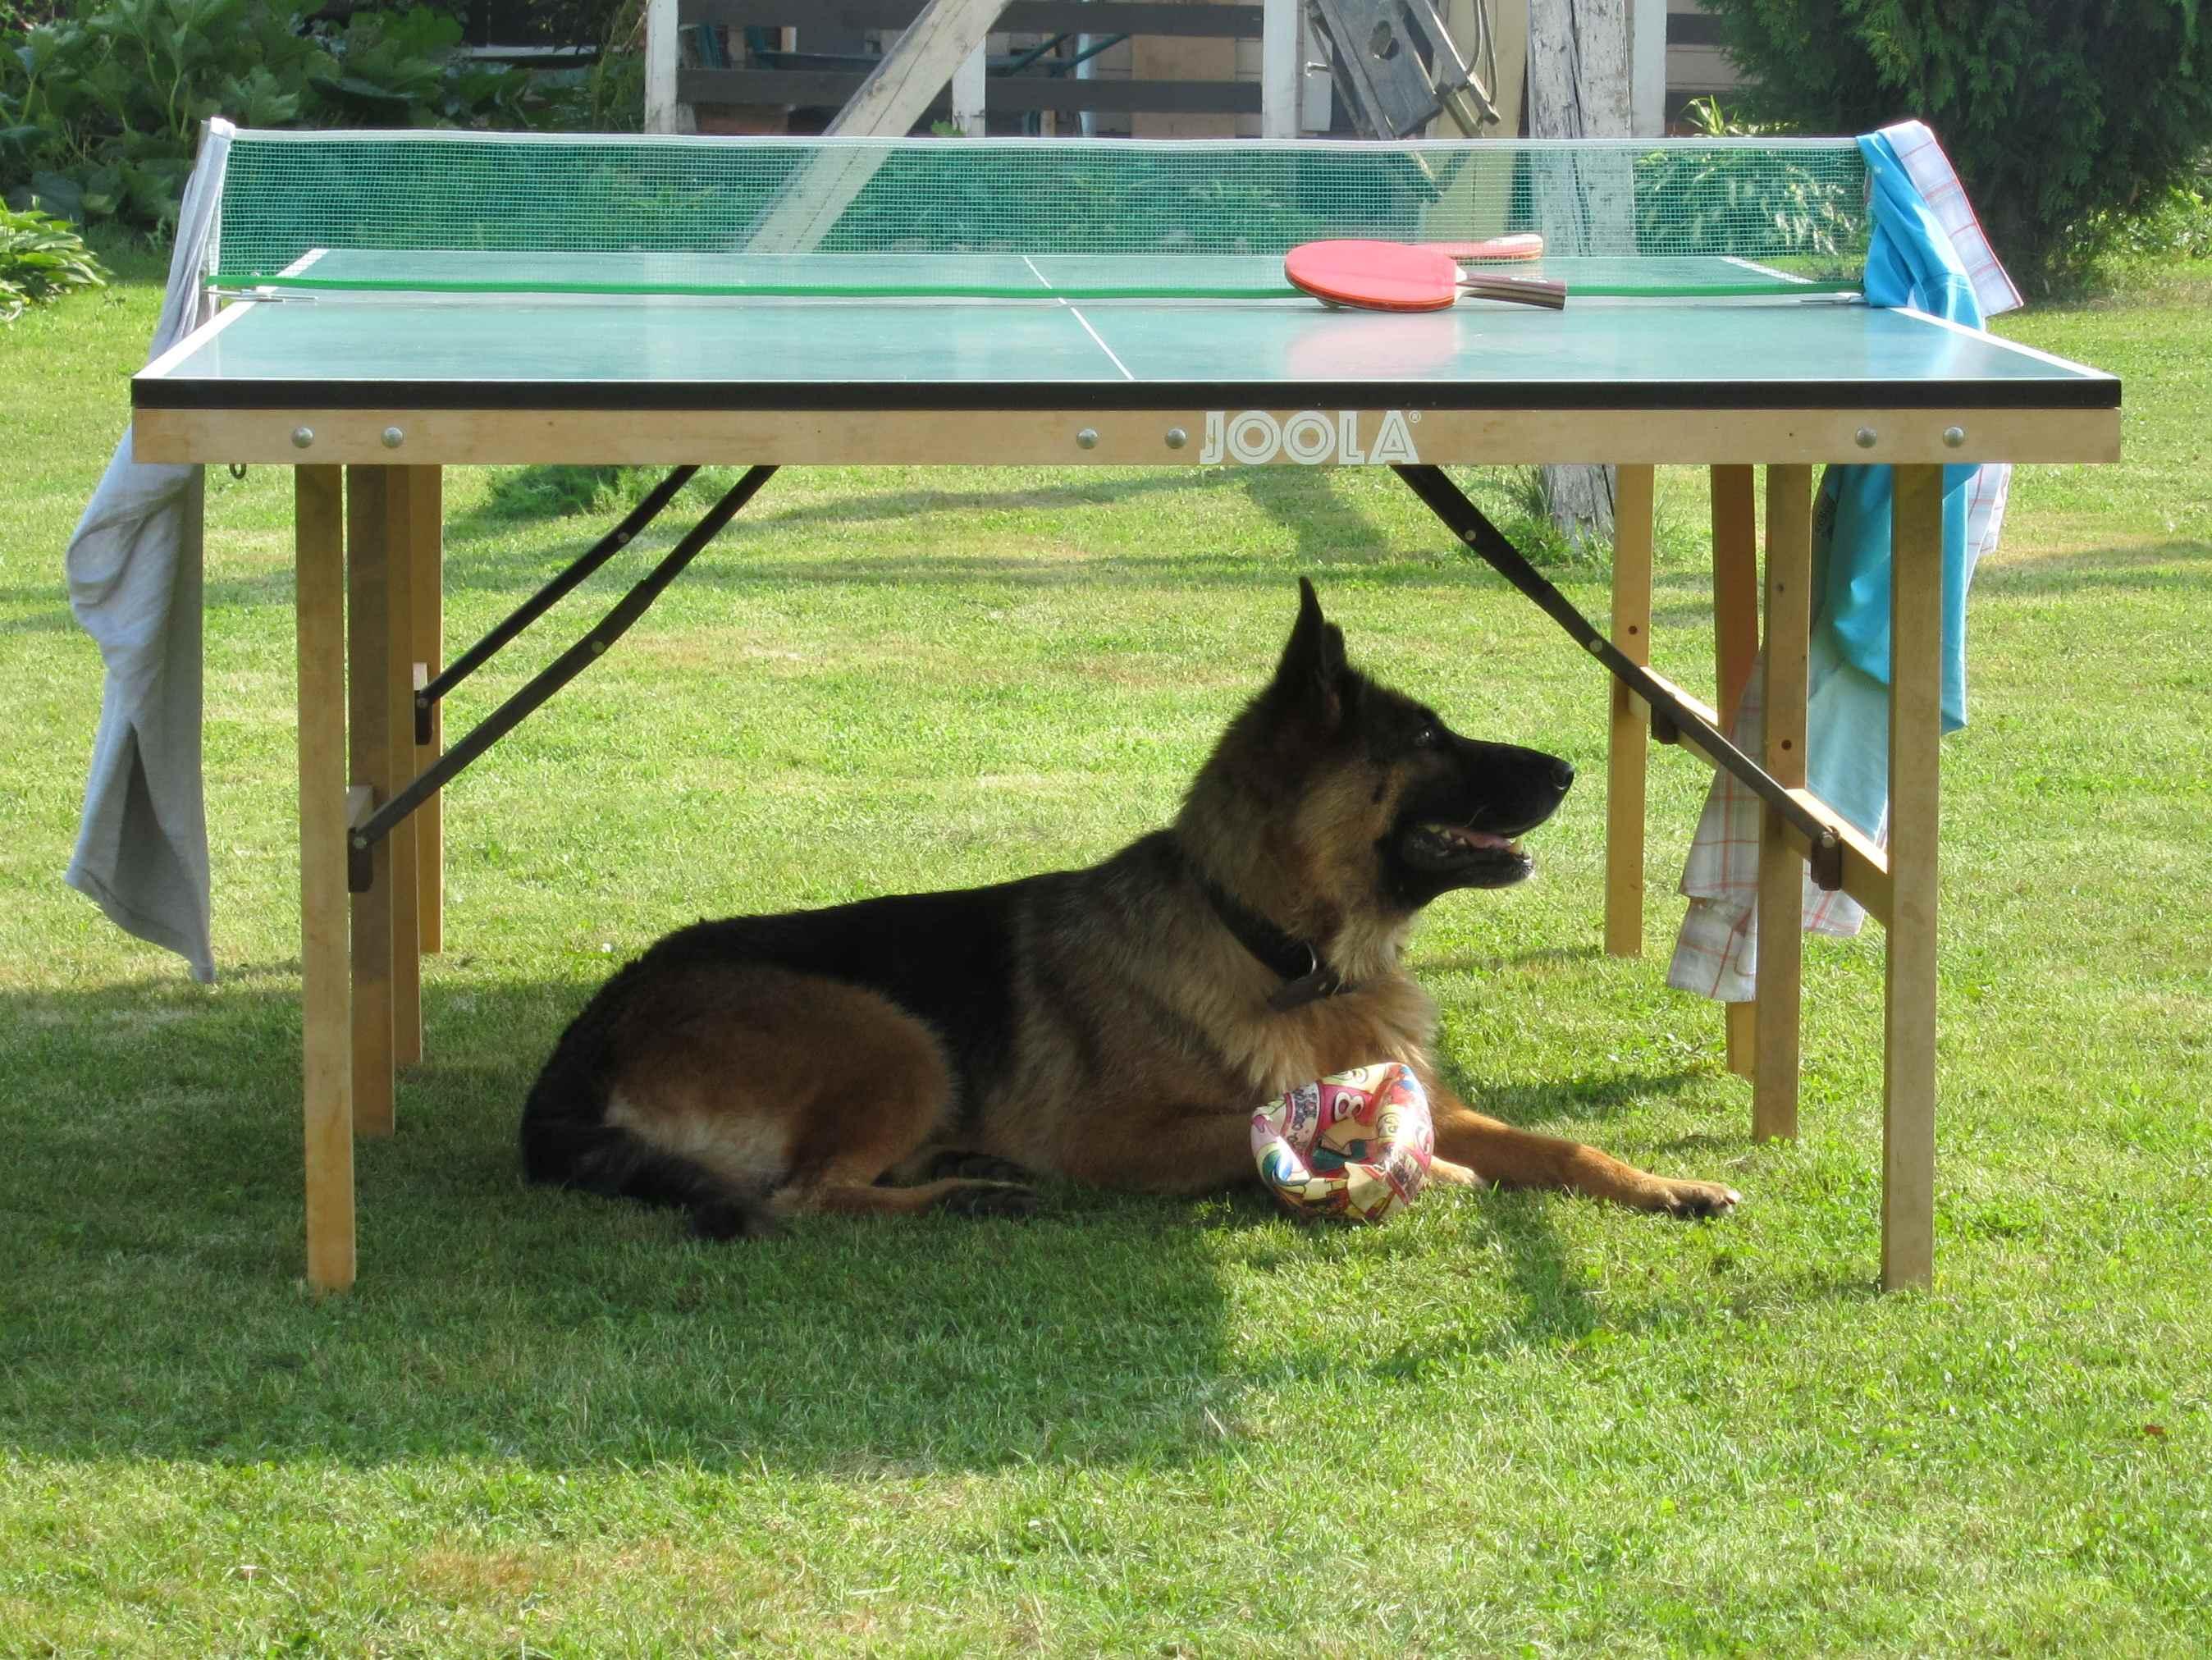 Под столом в тени лежу, мячик свой я сторожу.